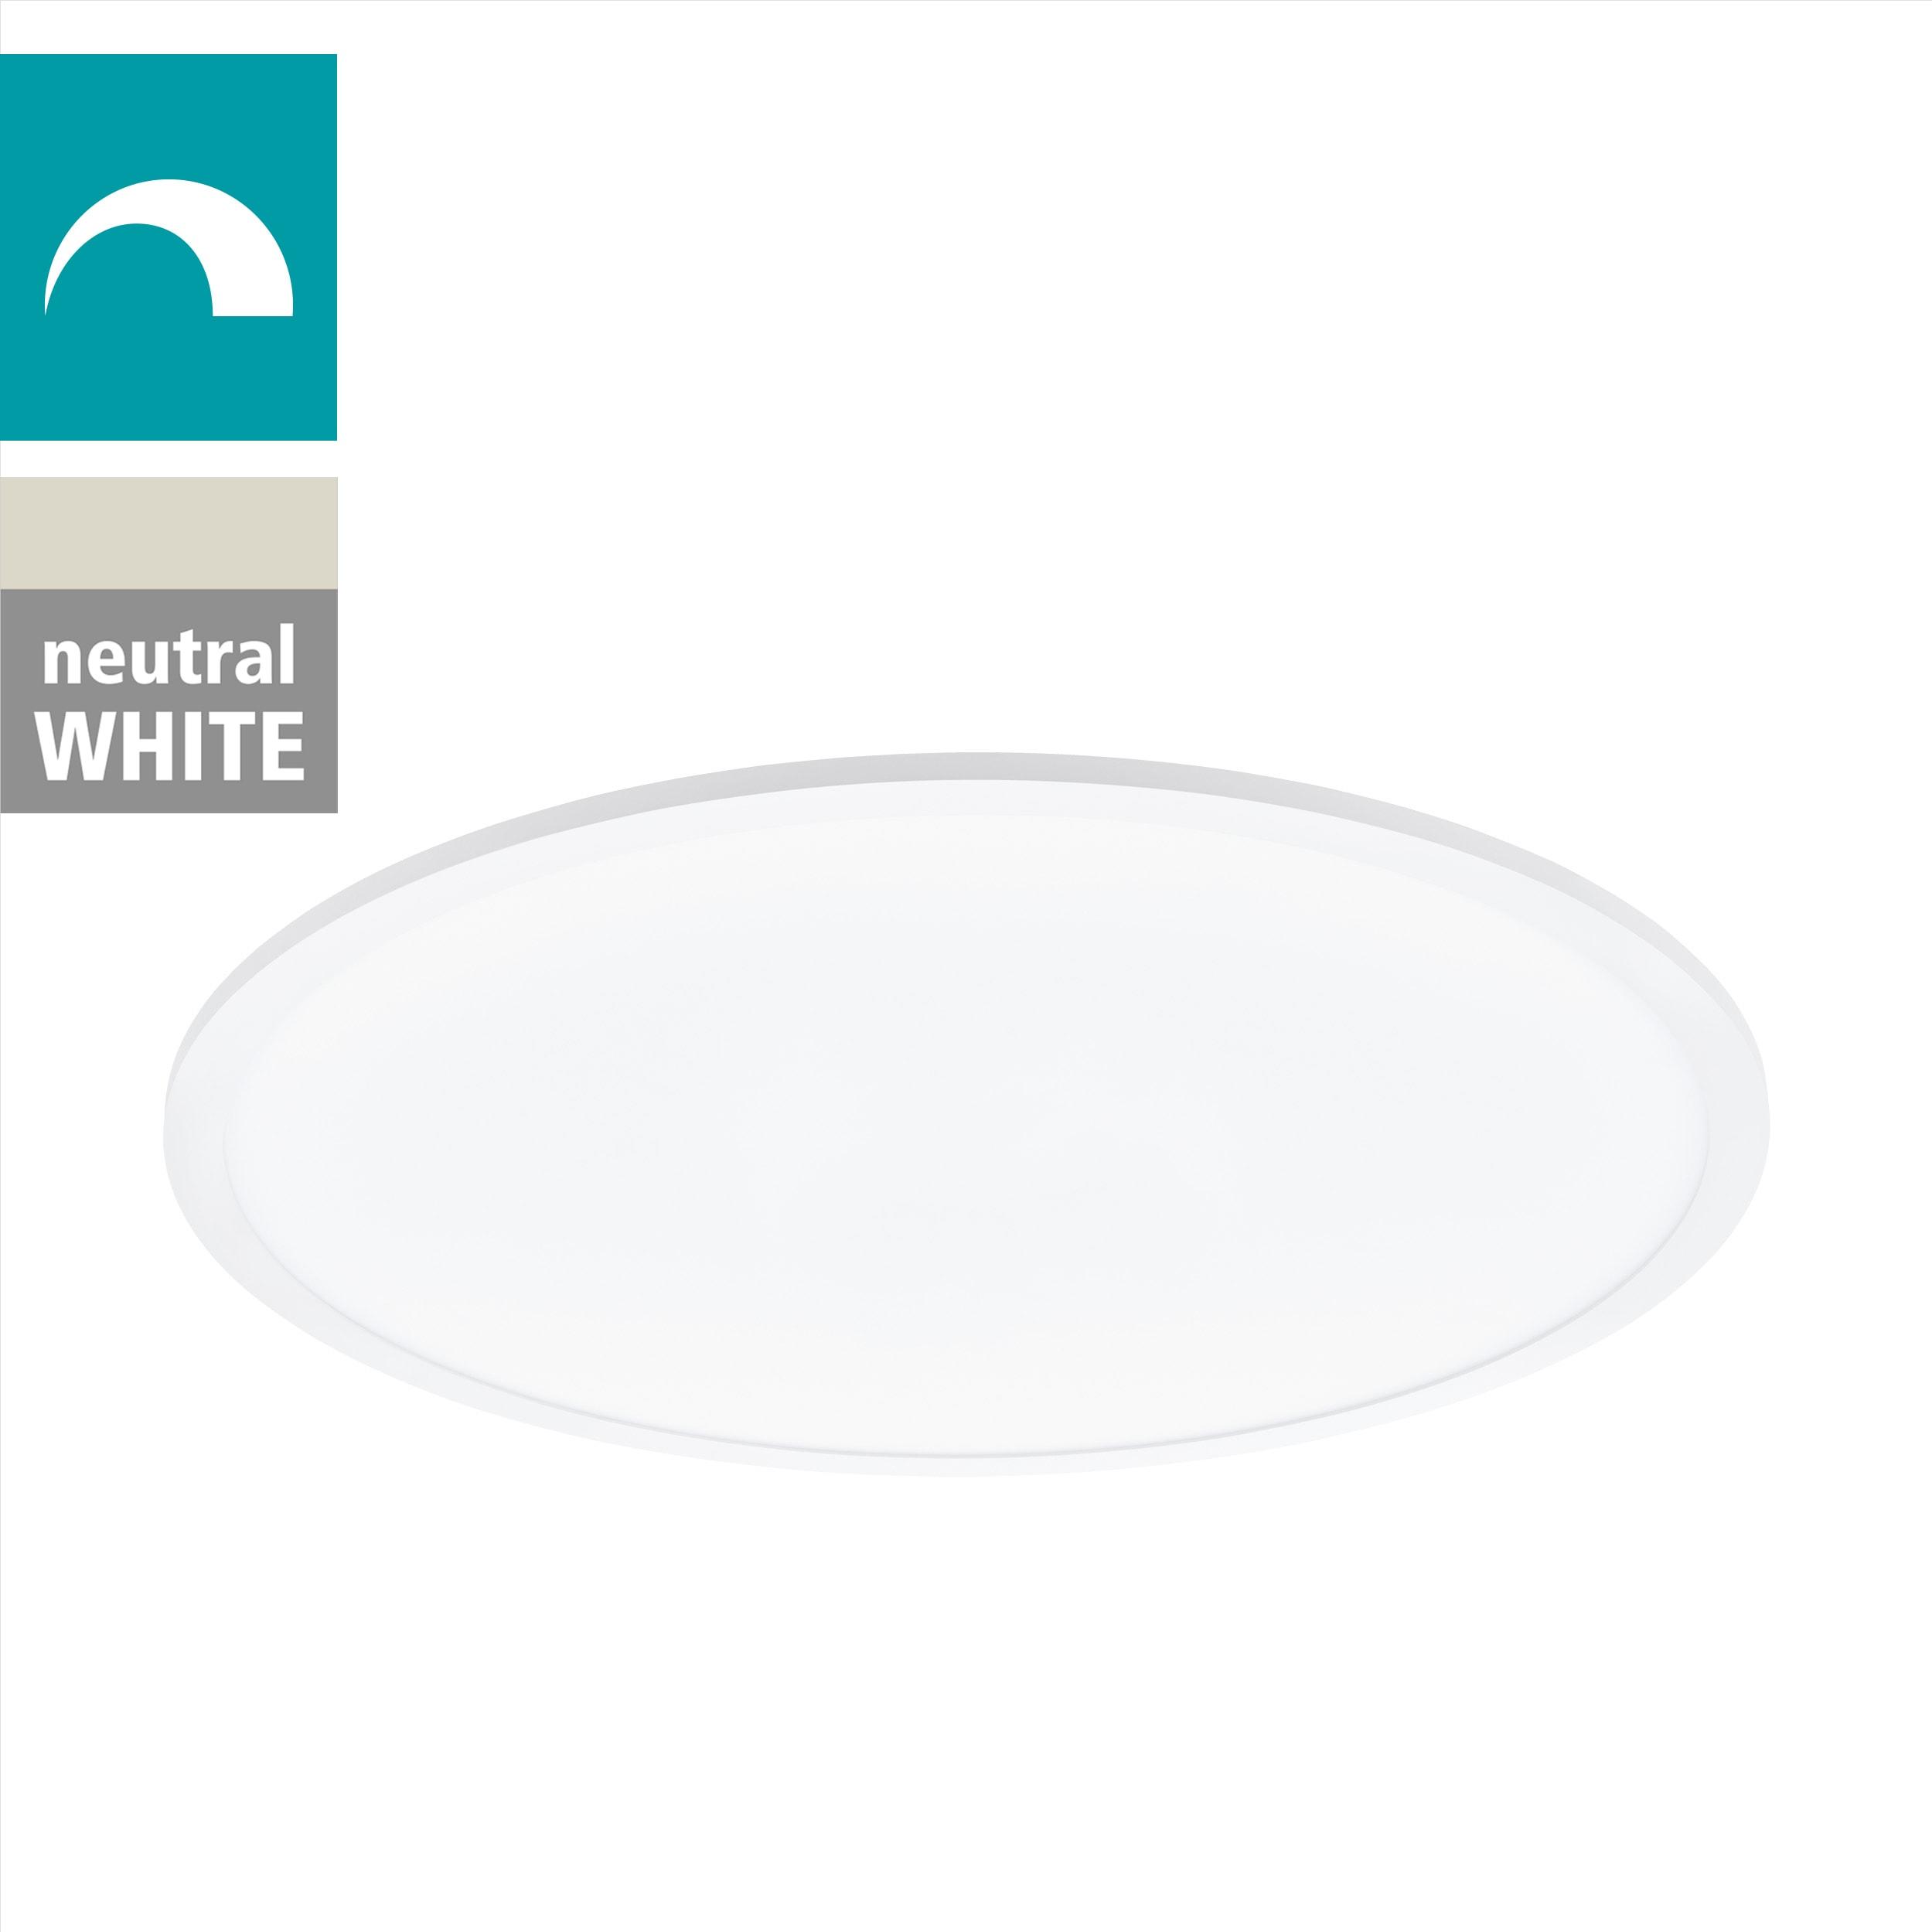 EGLO Deckenleuchte SARSINA, LED-Board, 1 St., Neutralweiß, dimmbar, Durchmesser 60 cm